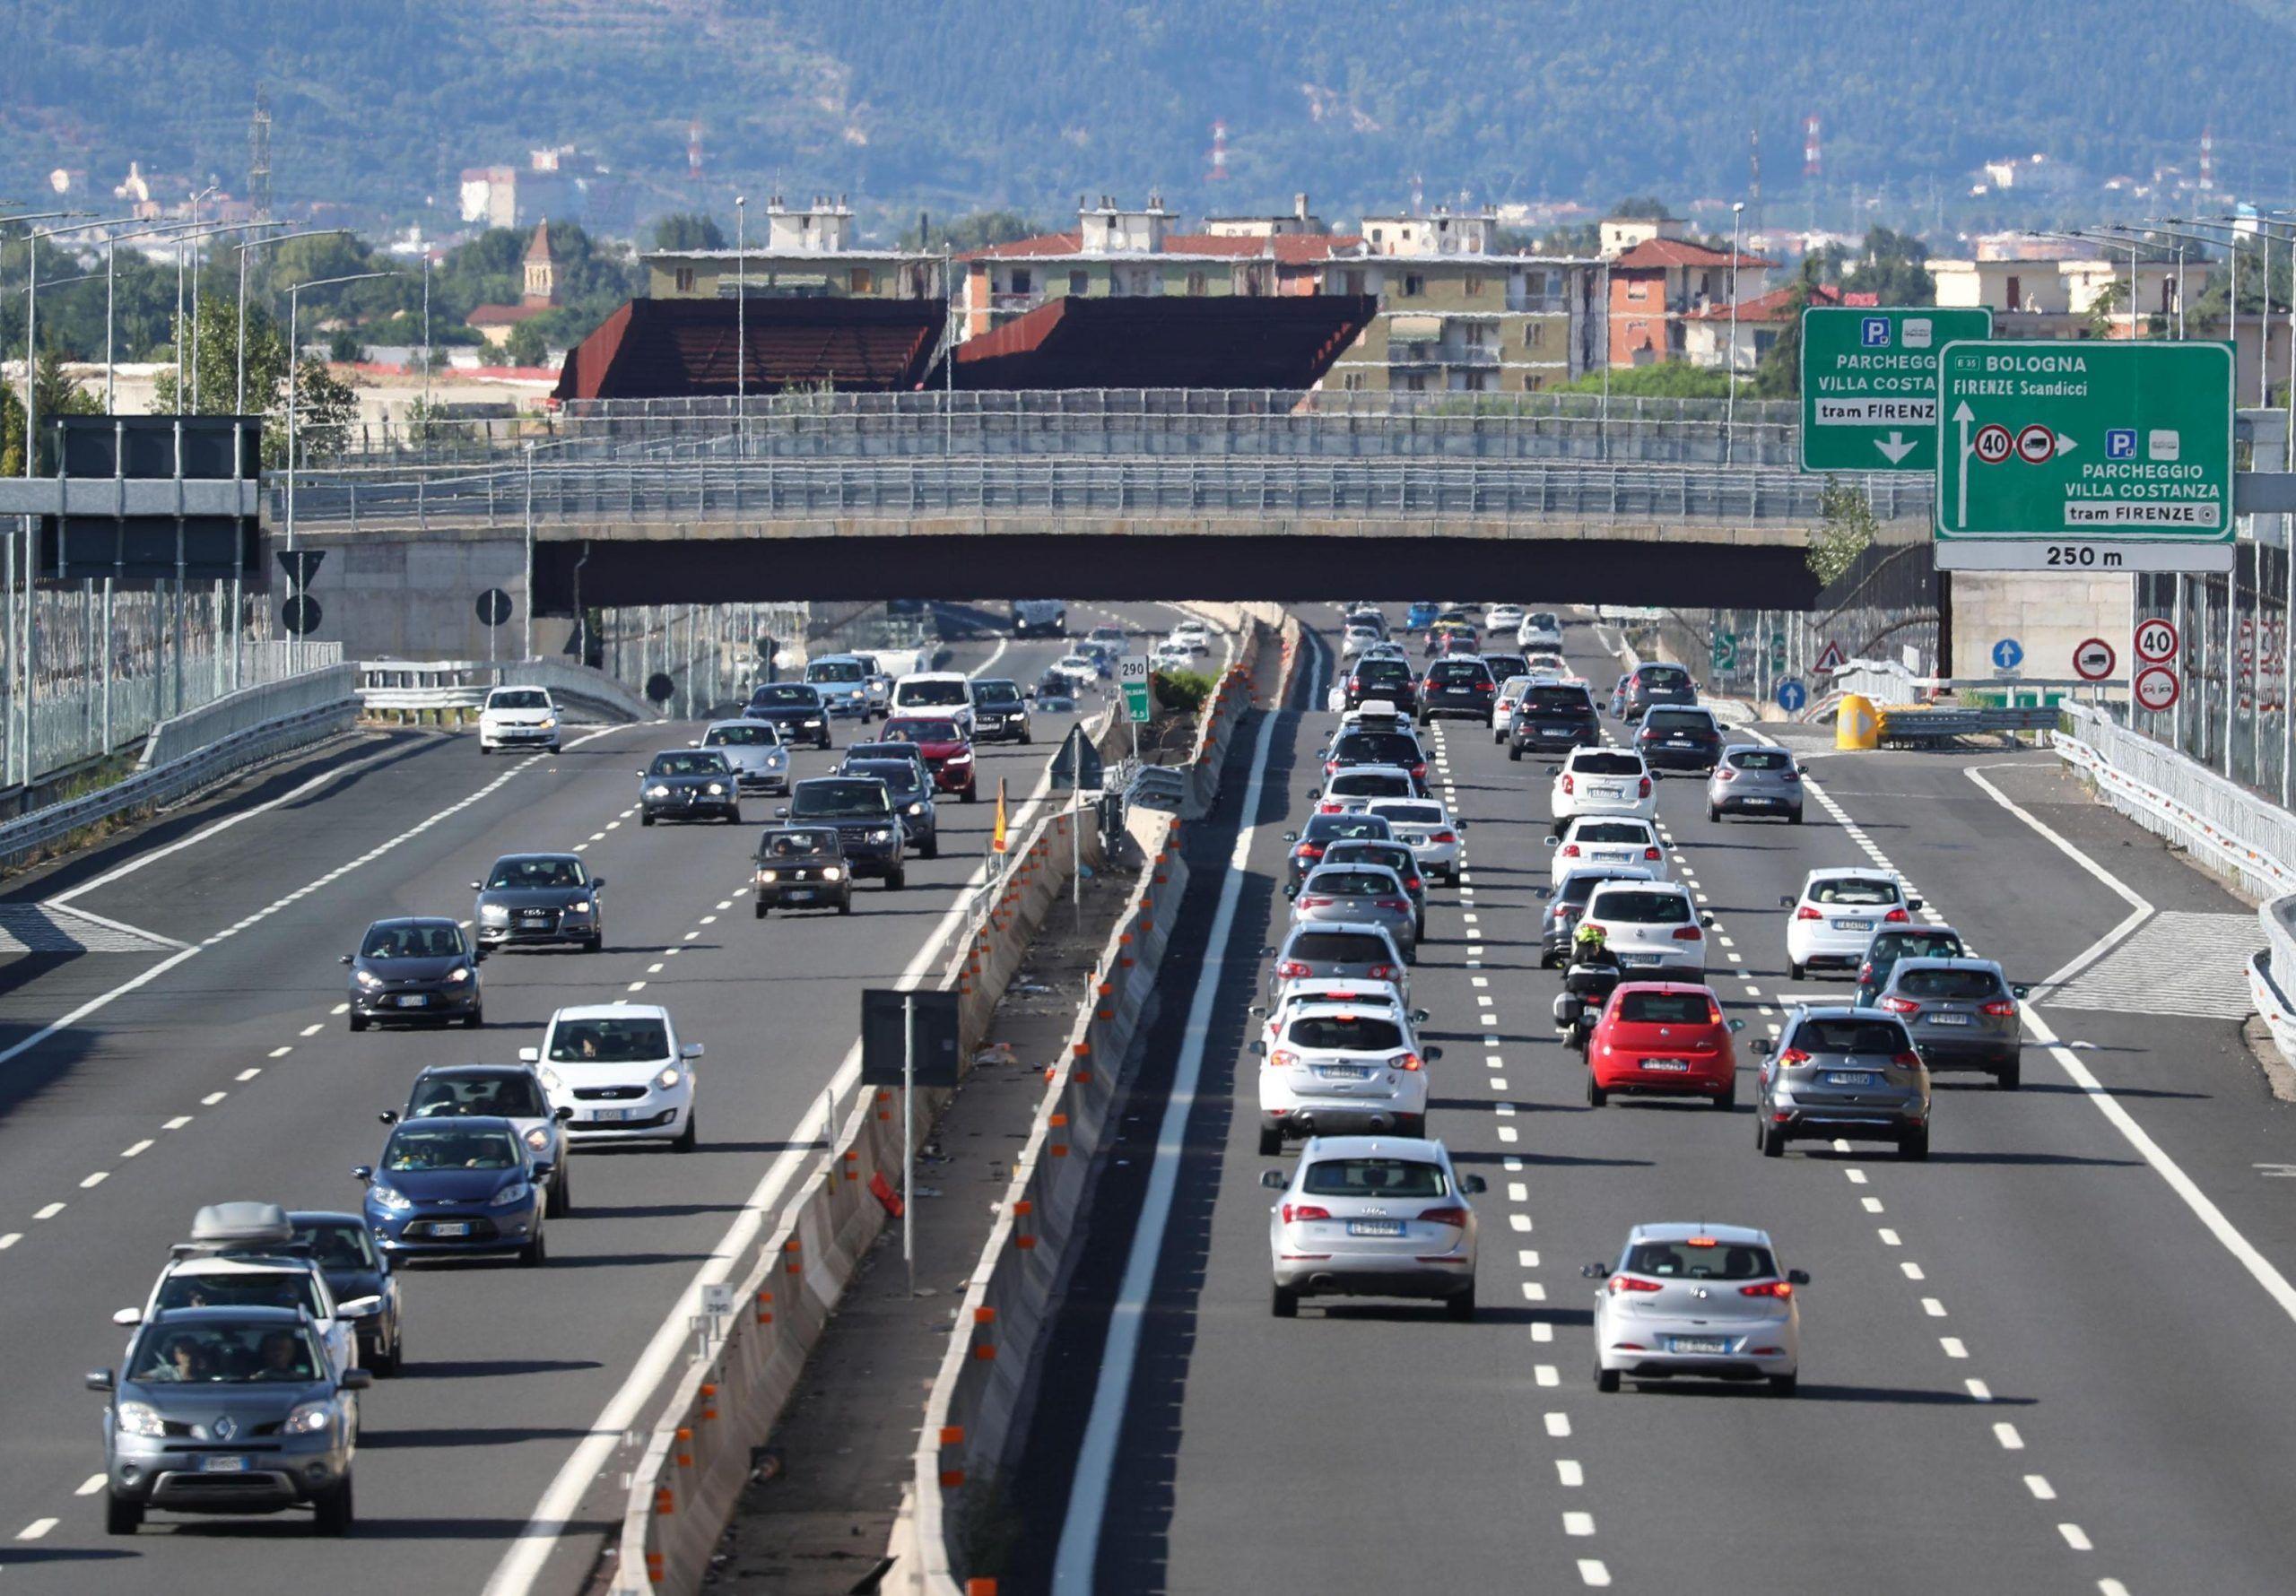 incidente stradale autostrada a1